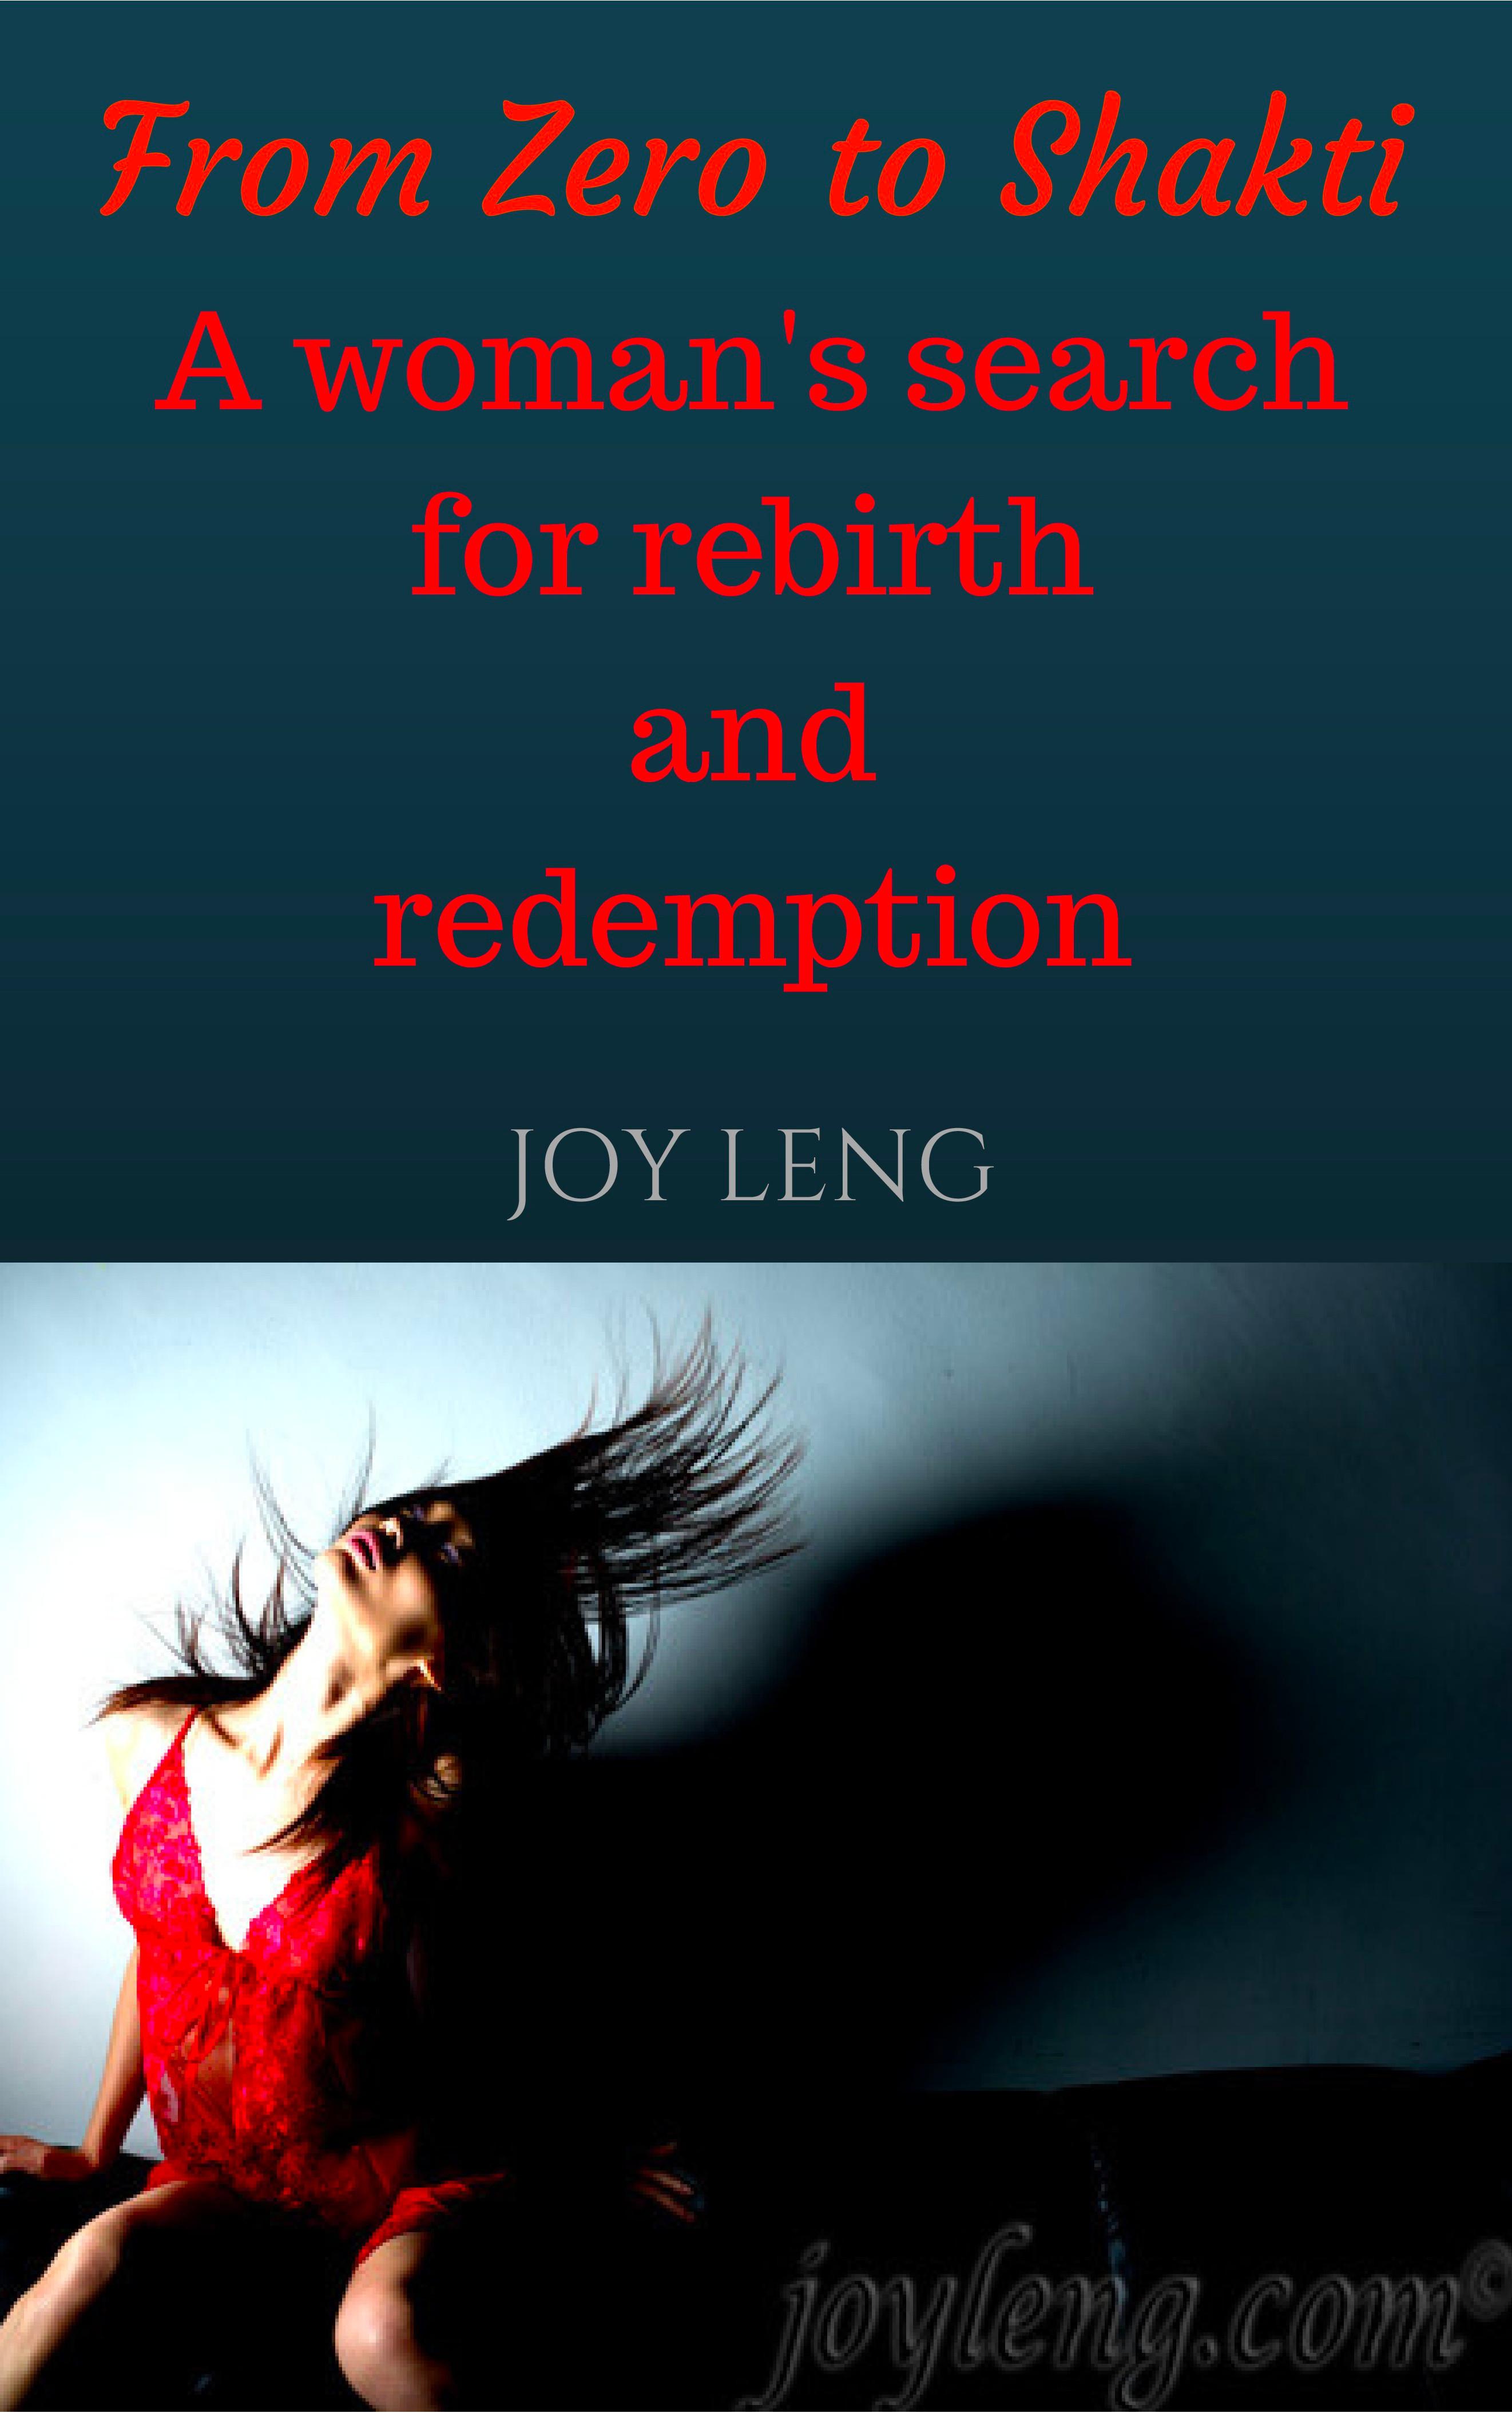 From Zero To Shakti by Joy Leng, JoyLight Transformational Coaching